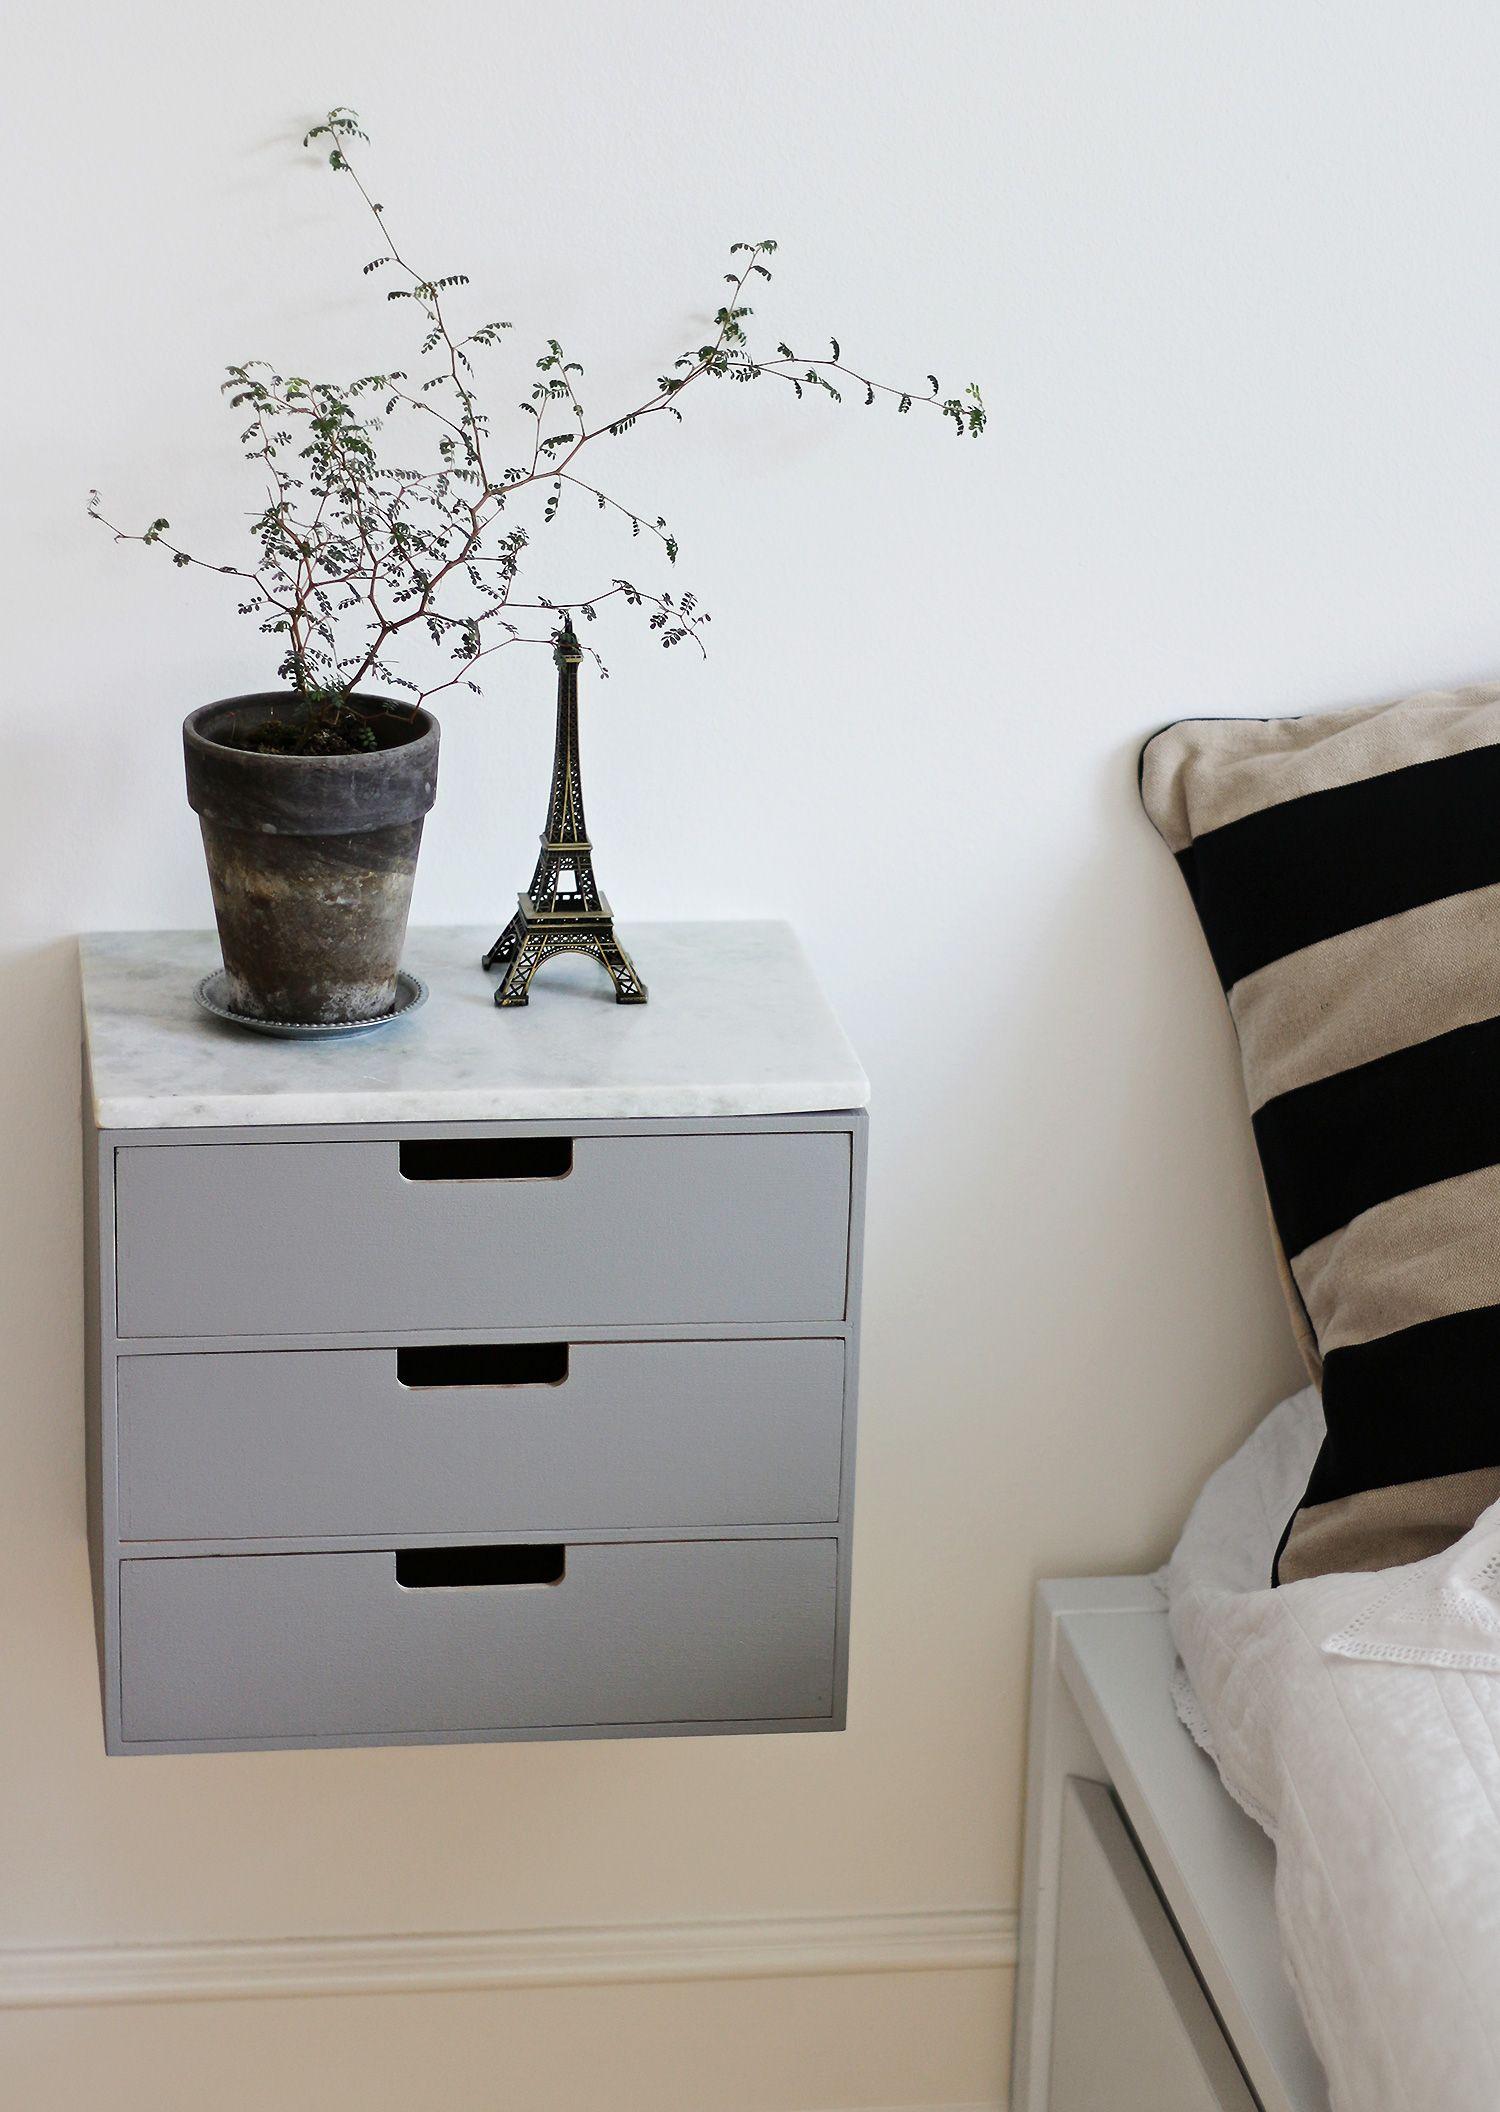 natbord væghængt natbord sengebord sidebord væghængt@2x | Soveværelse | Pinterest  natbord væghængt